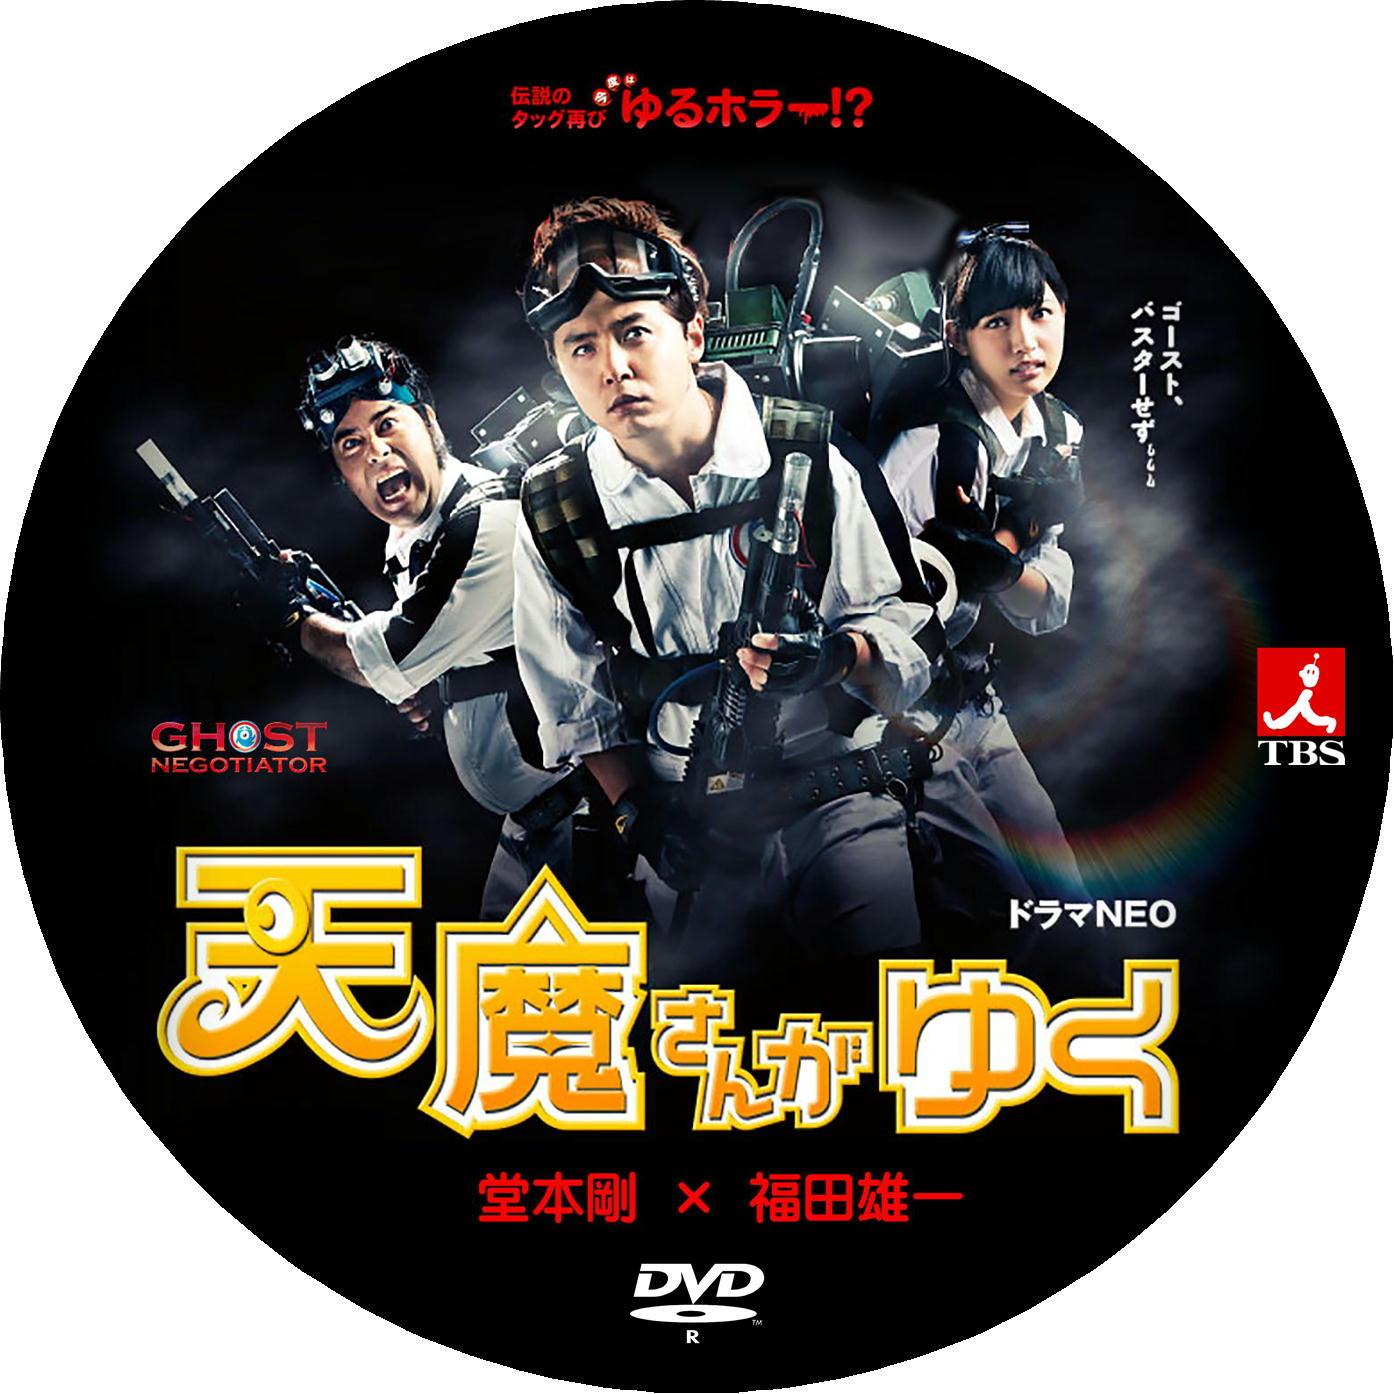 天魔さんがゆく DVDラベル